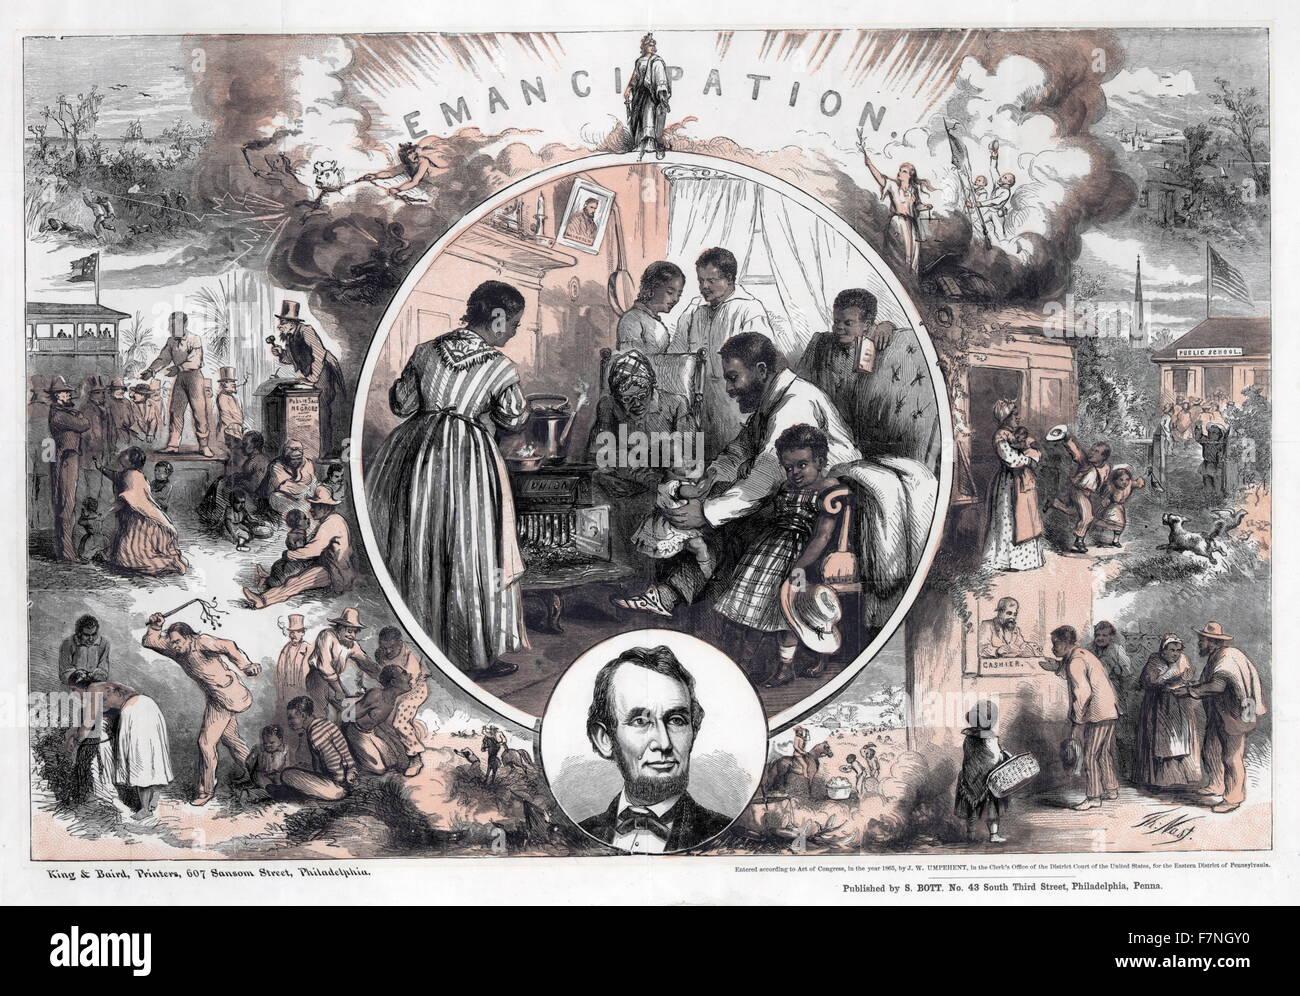 Ilustración de 1965 en conmemoración de la emancipación de los esclavos del sur y el final de la Imagen De Stock